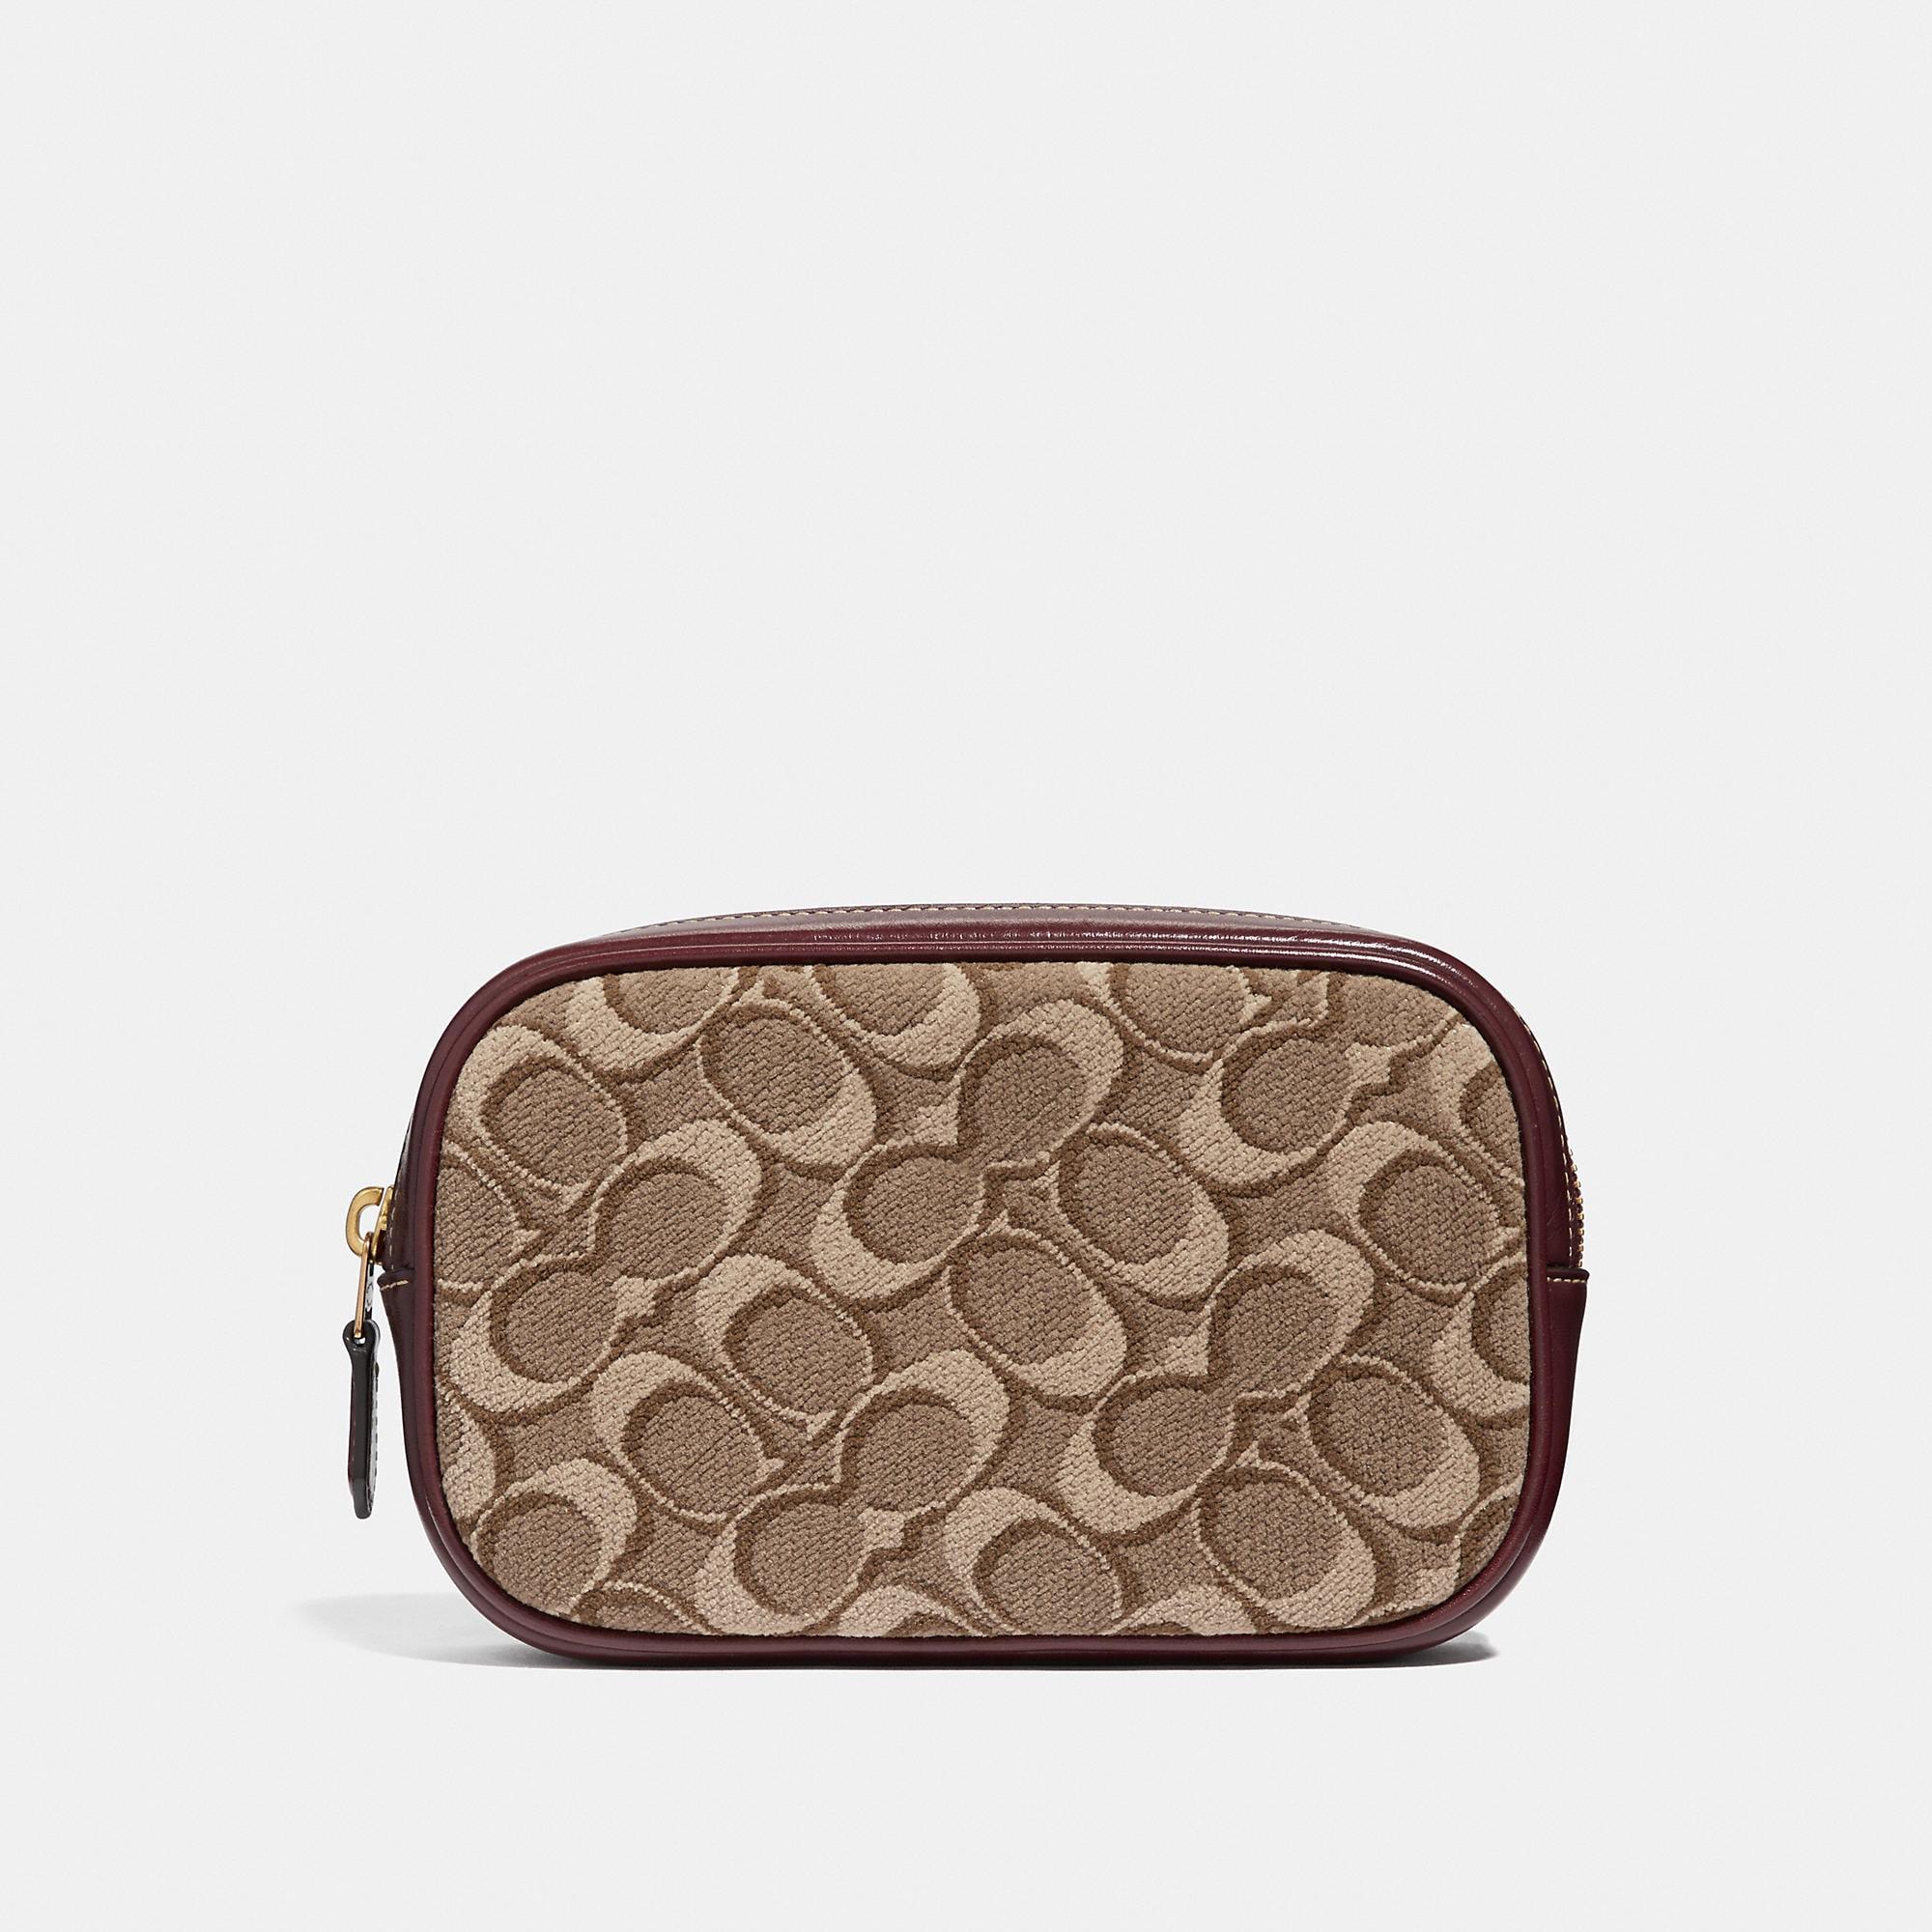 Shop Coach Belt Bag In Signature Jacquard - Women S In Tan Scarlet Brass b8989e786e